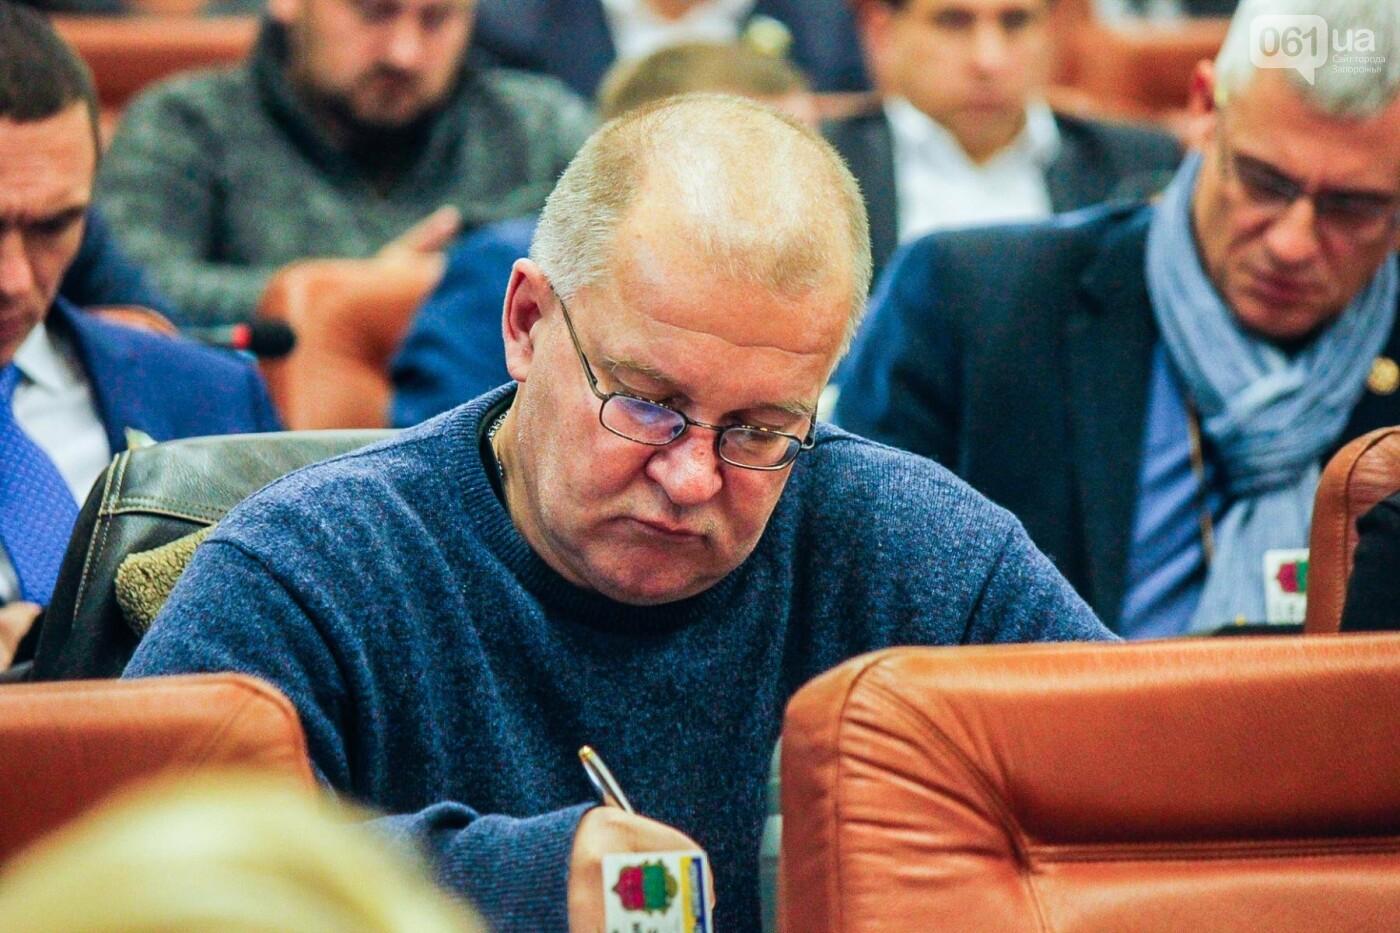 Сессия запорожского горсовета в лицах, - ФОТОРЕПОРТАЖ, фото-71